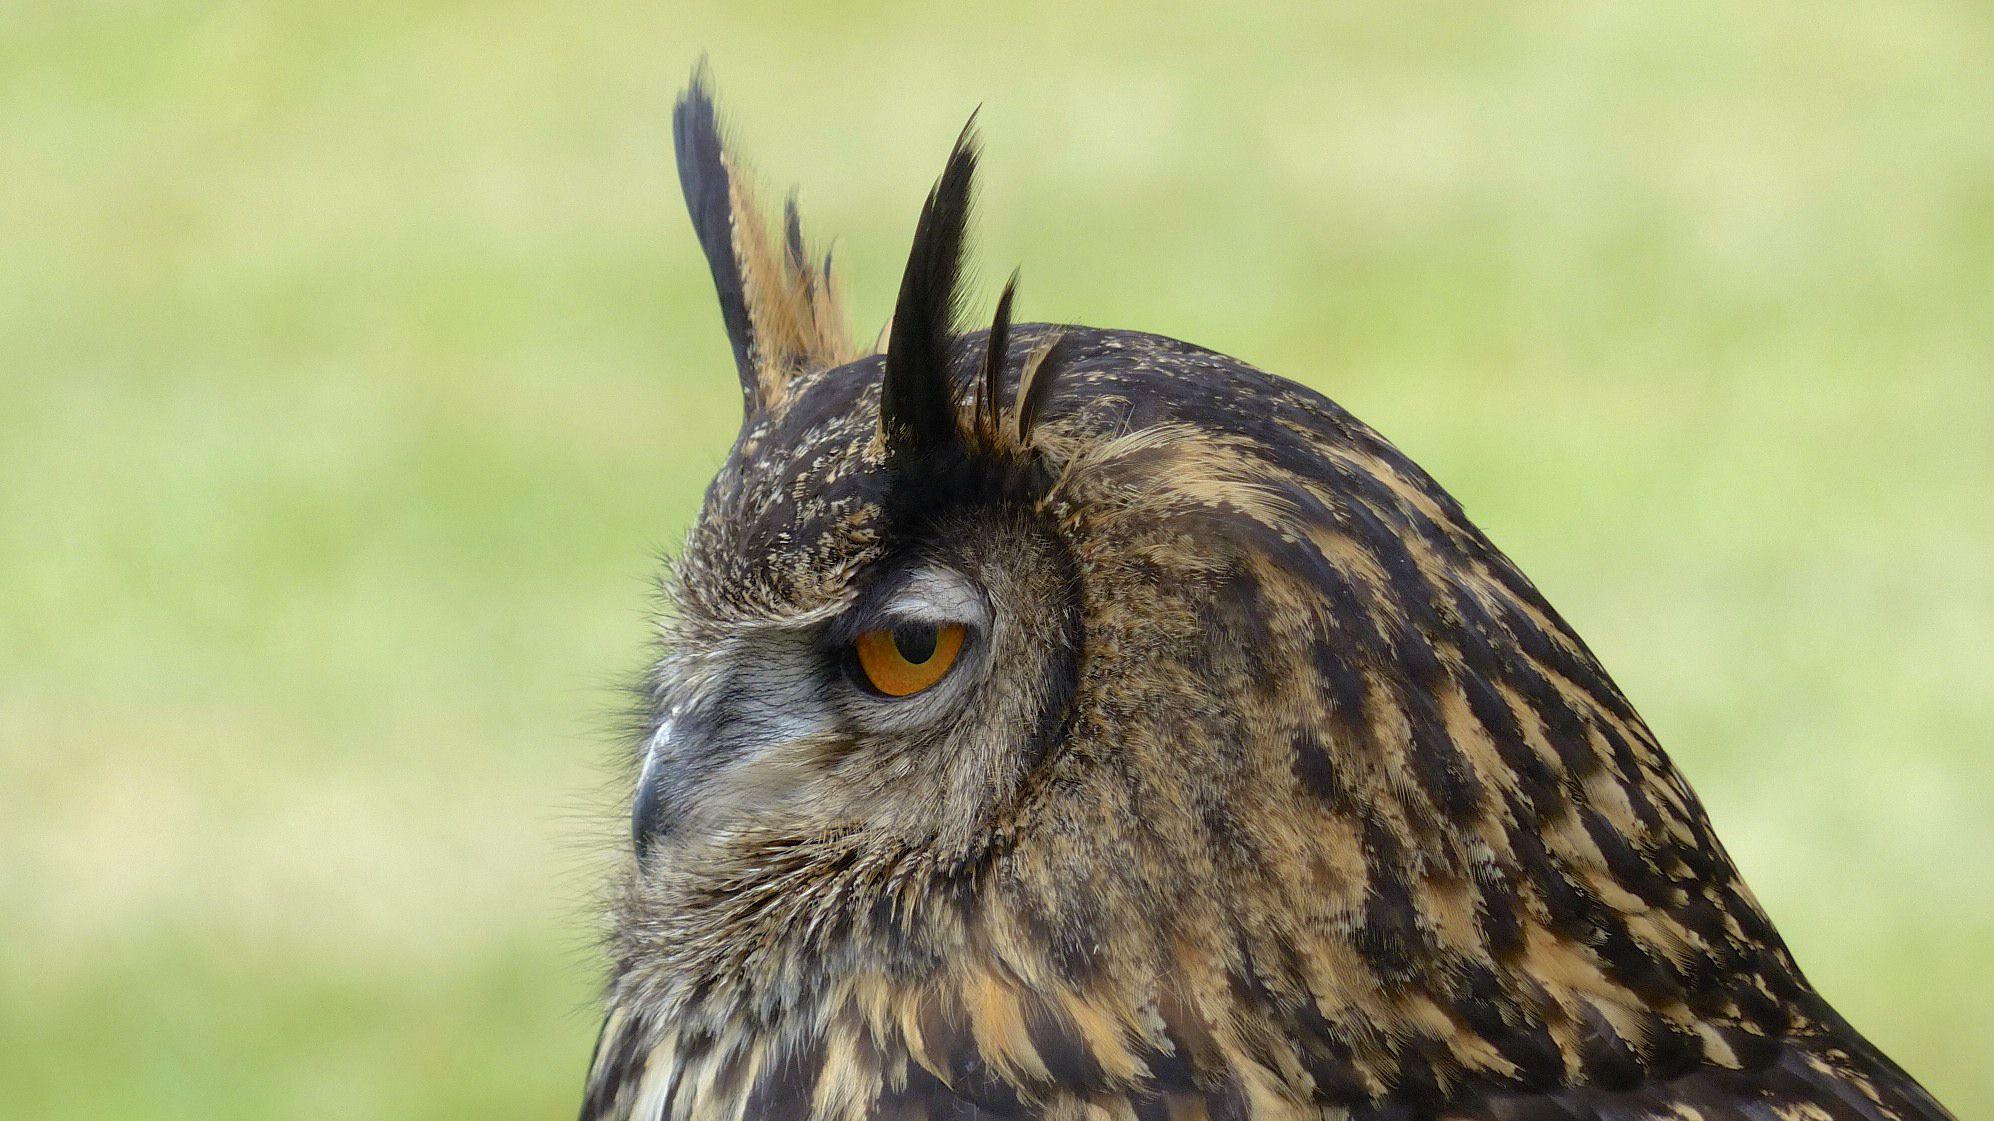 Long Eared Owl 4k